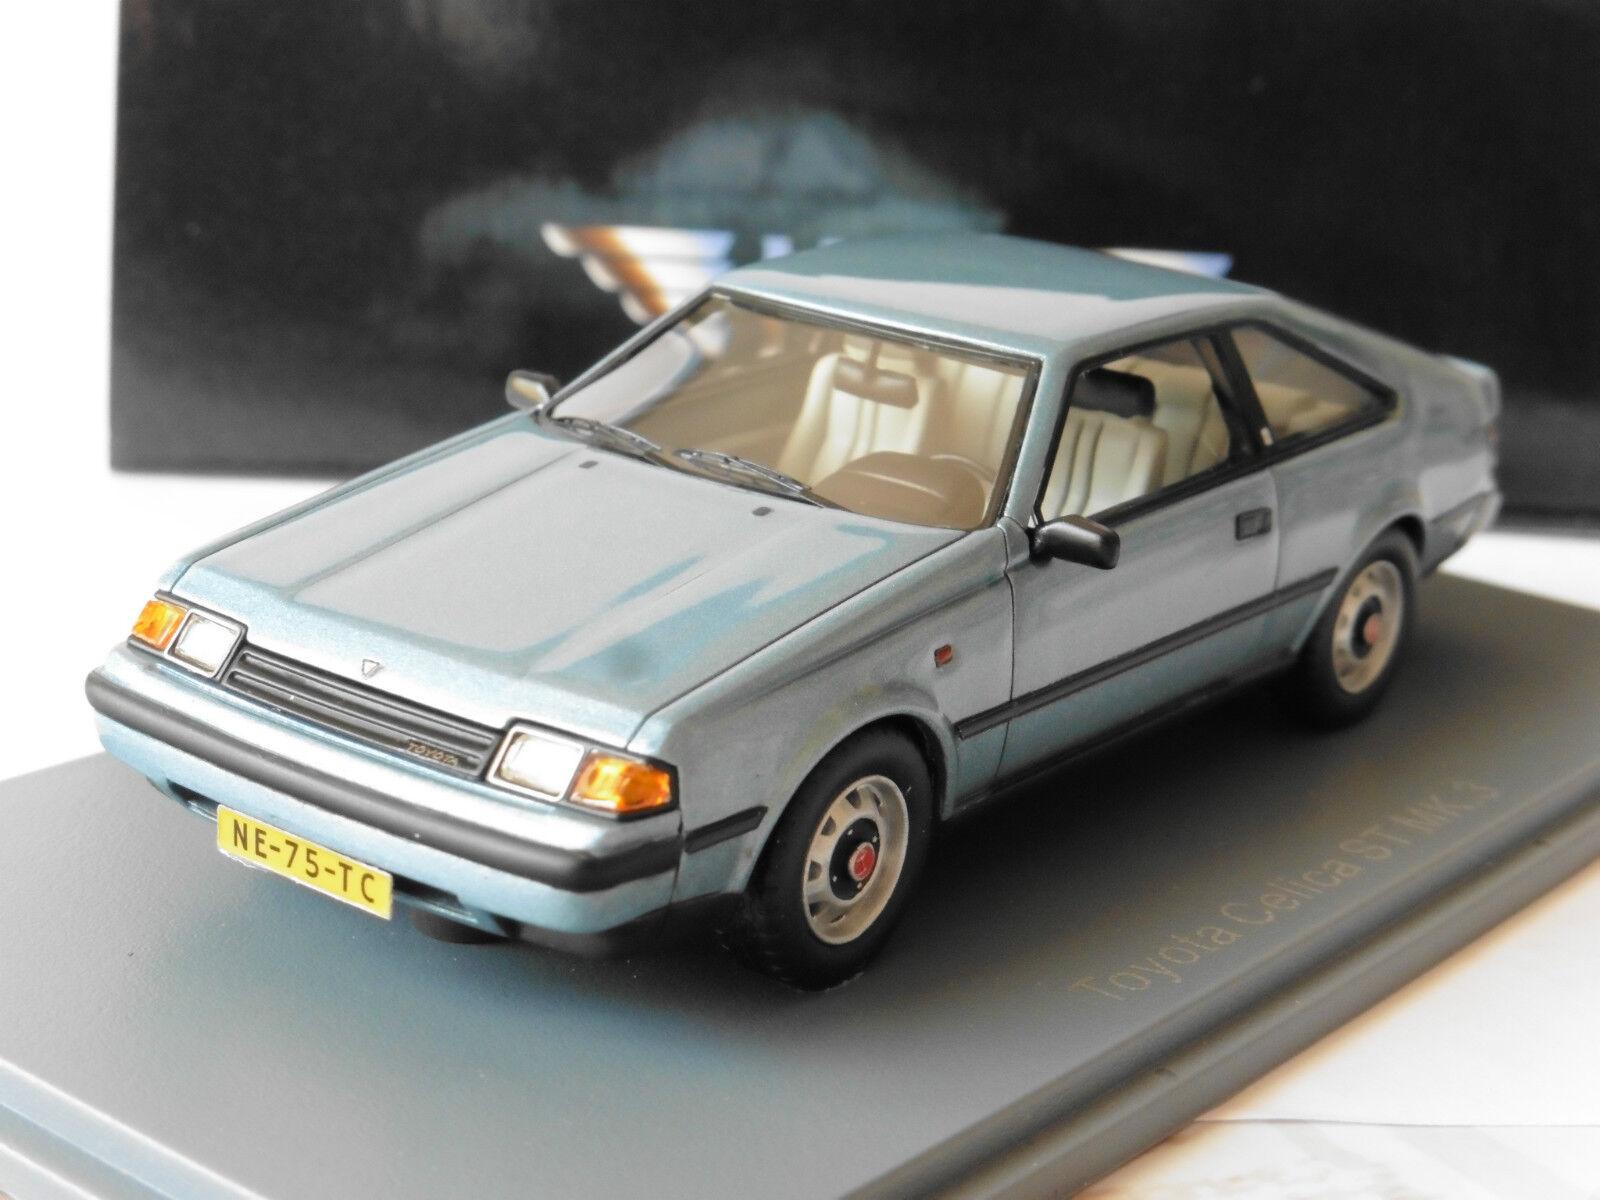 Toyota celica st mk3 light bluee metal 1983 43775 1 43 neo resin model light bluee